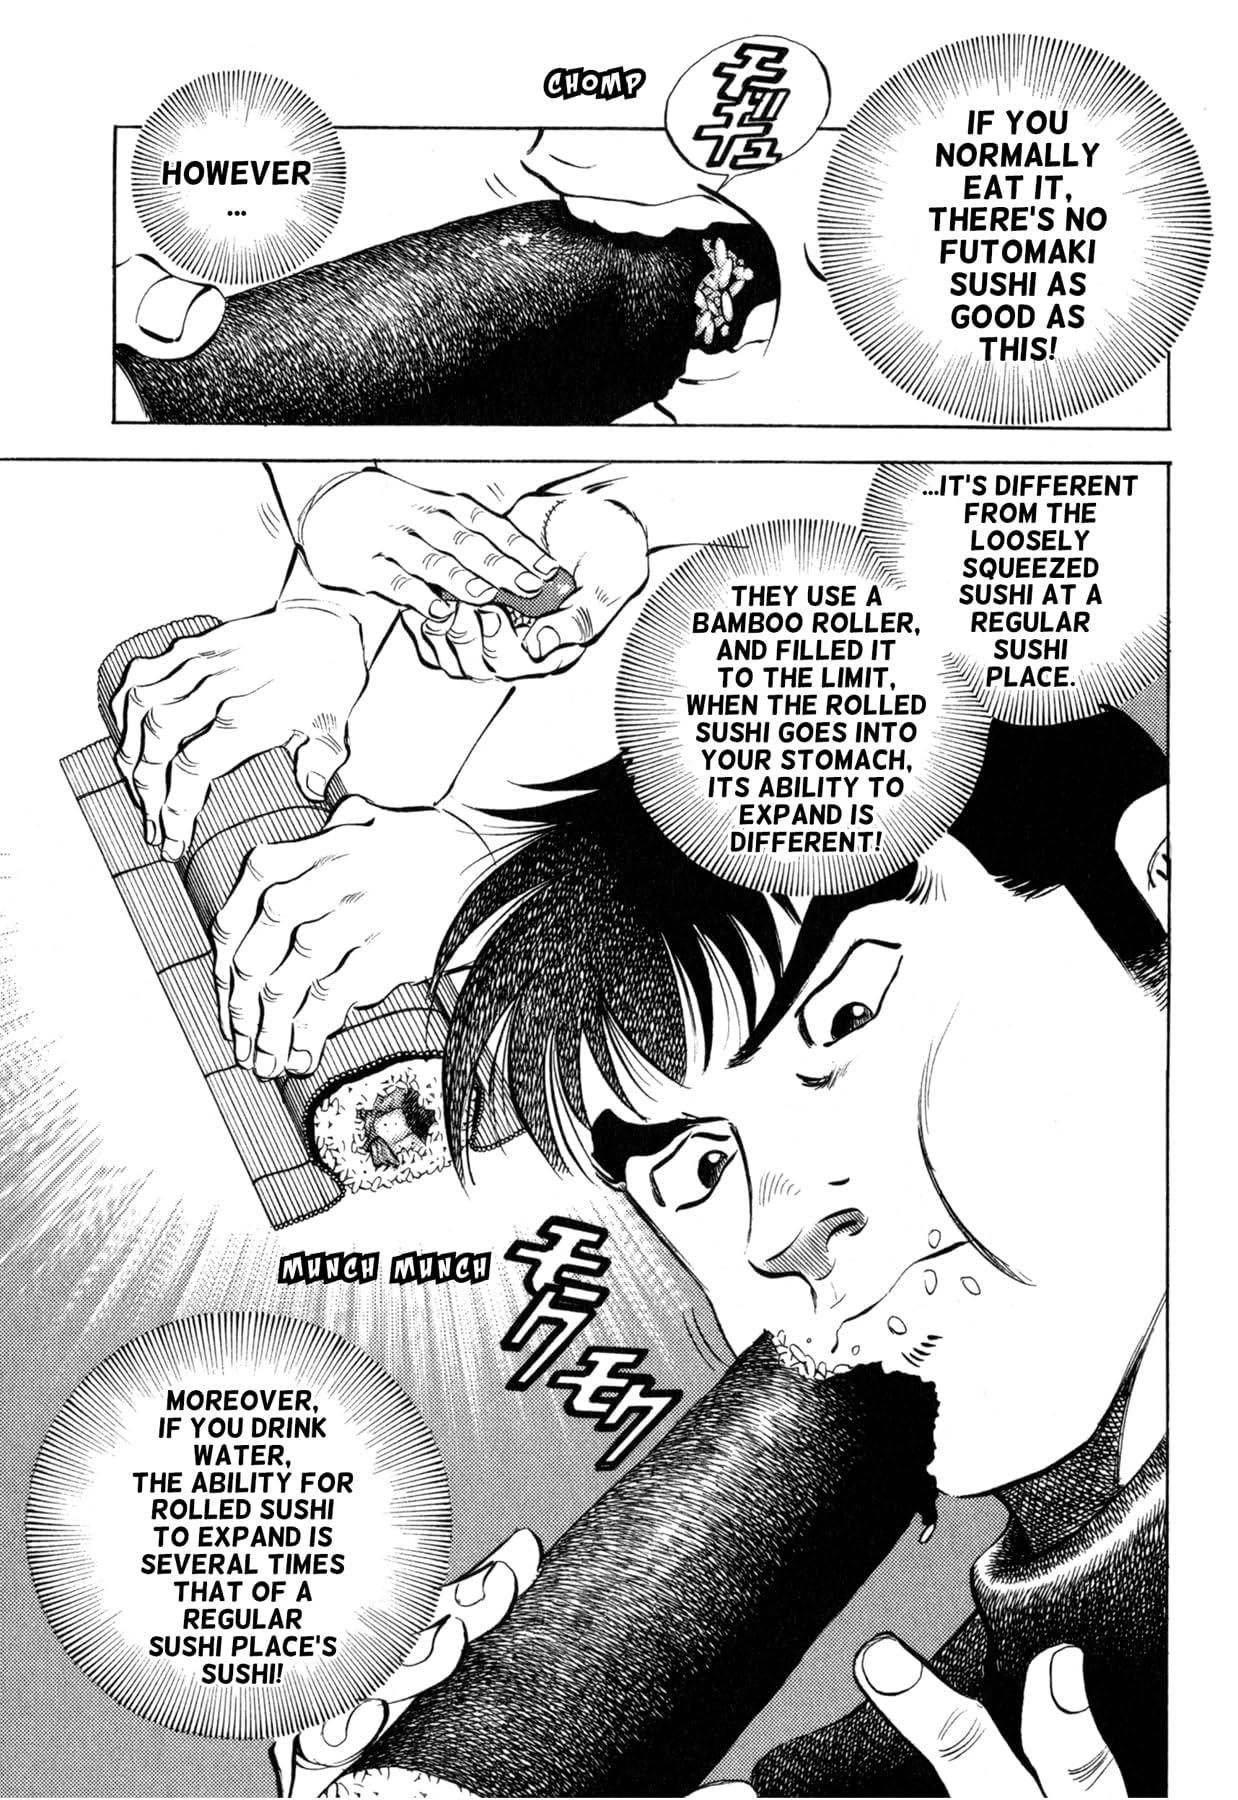 Kuishinbo! #133